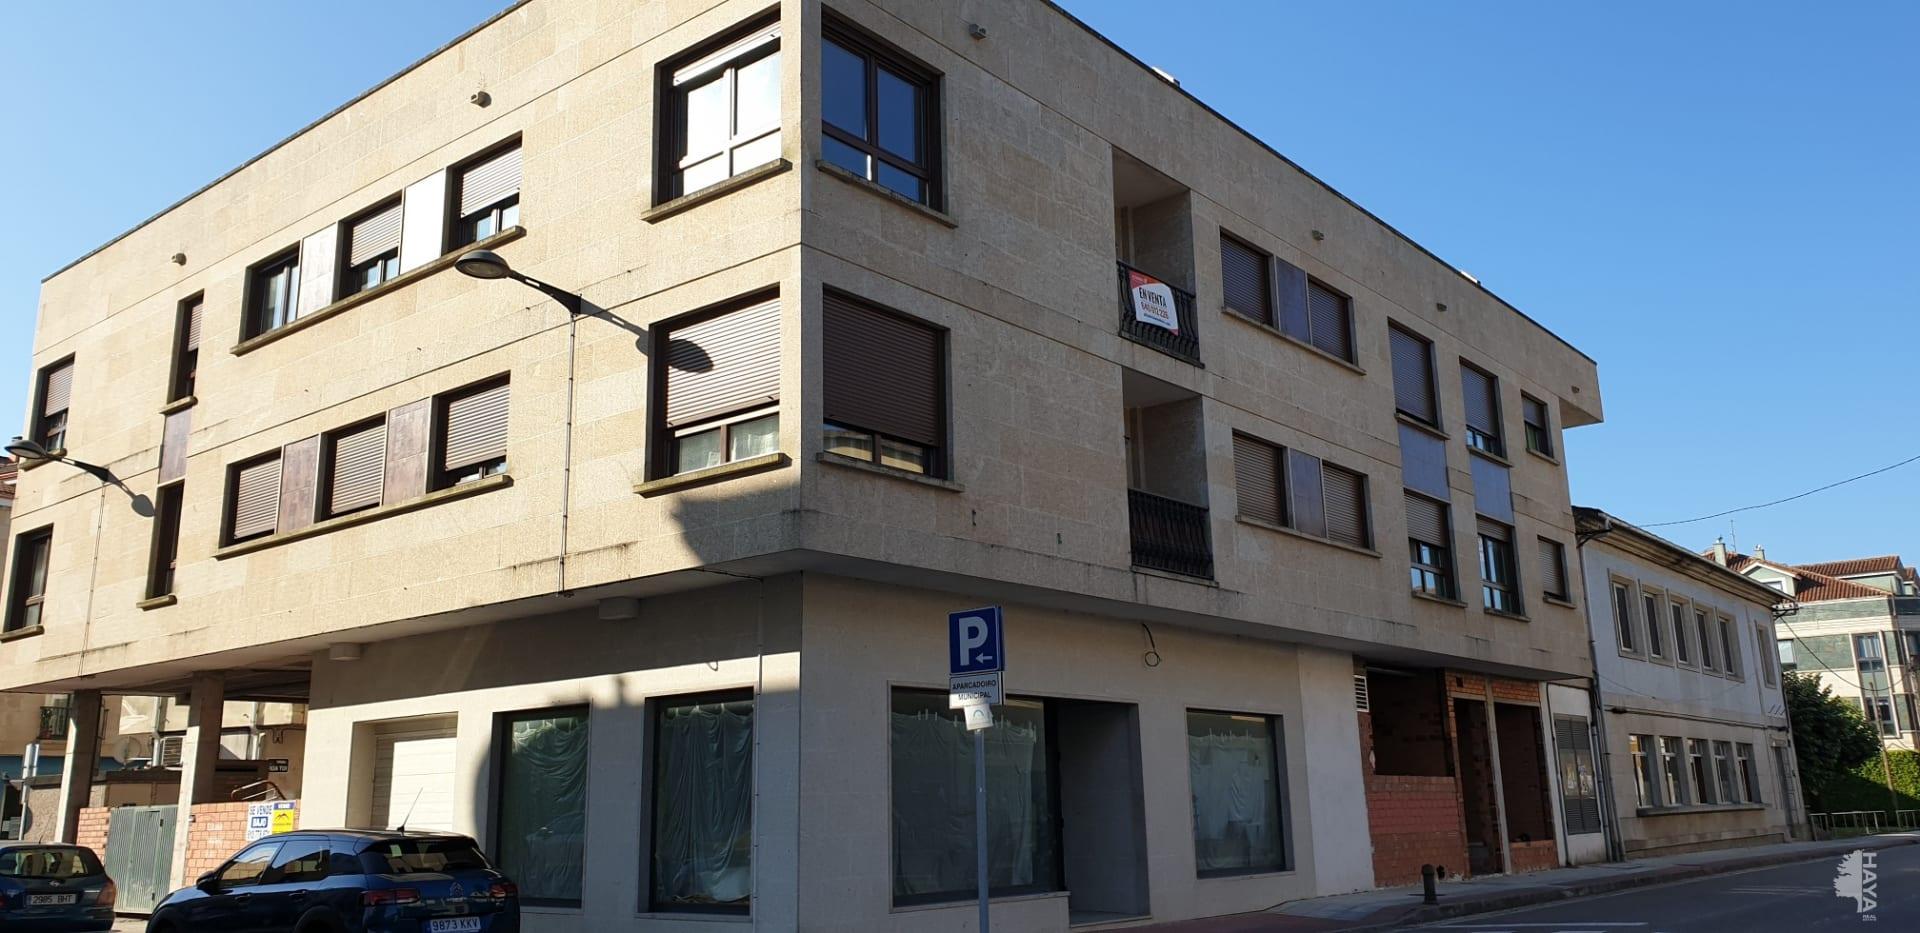 Piso en venta en Tomiño, Pontevedra, Avenida Gondomar, 46.780 €, 2 habitaciones, 1 baño, 56 m2